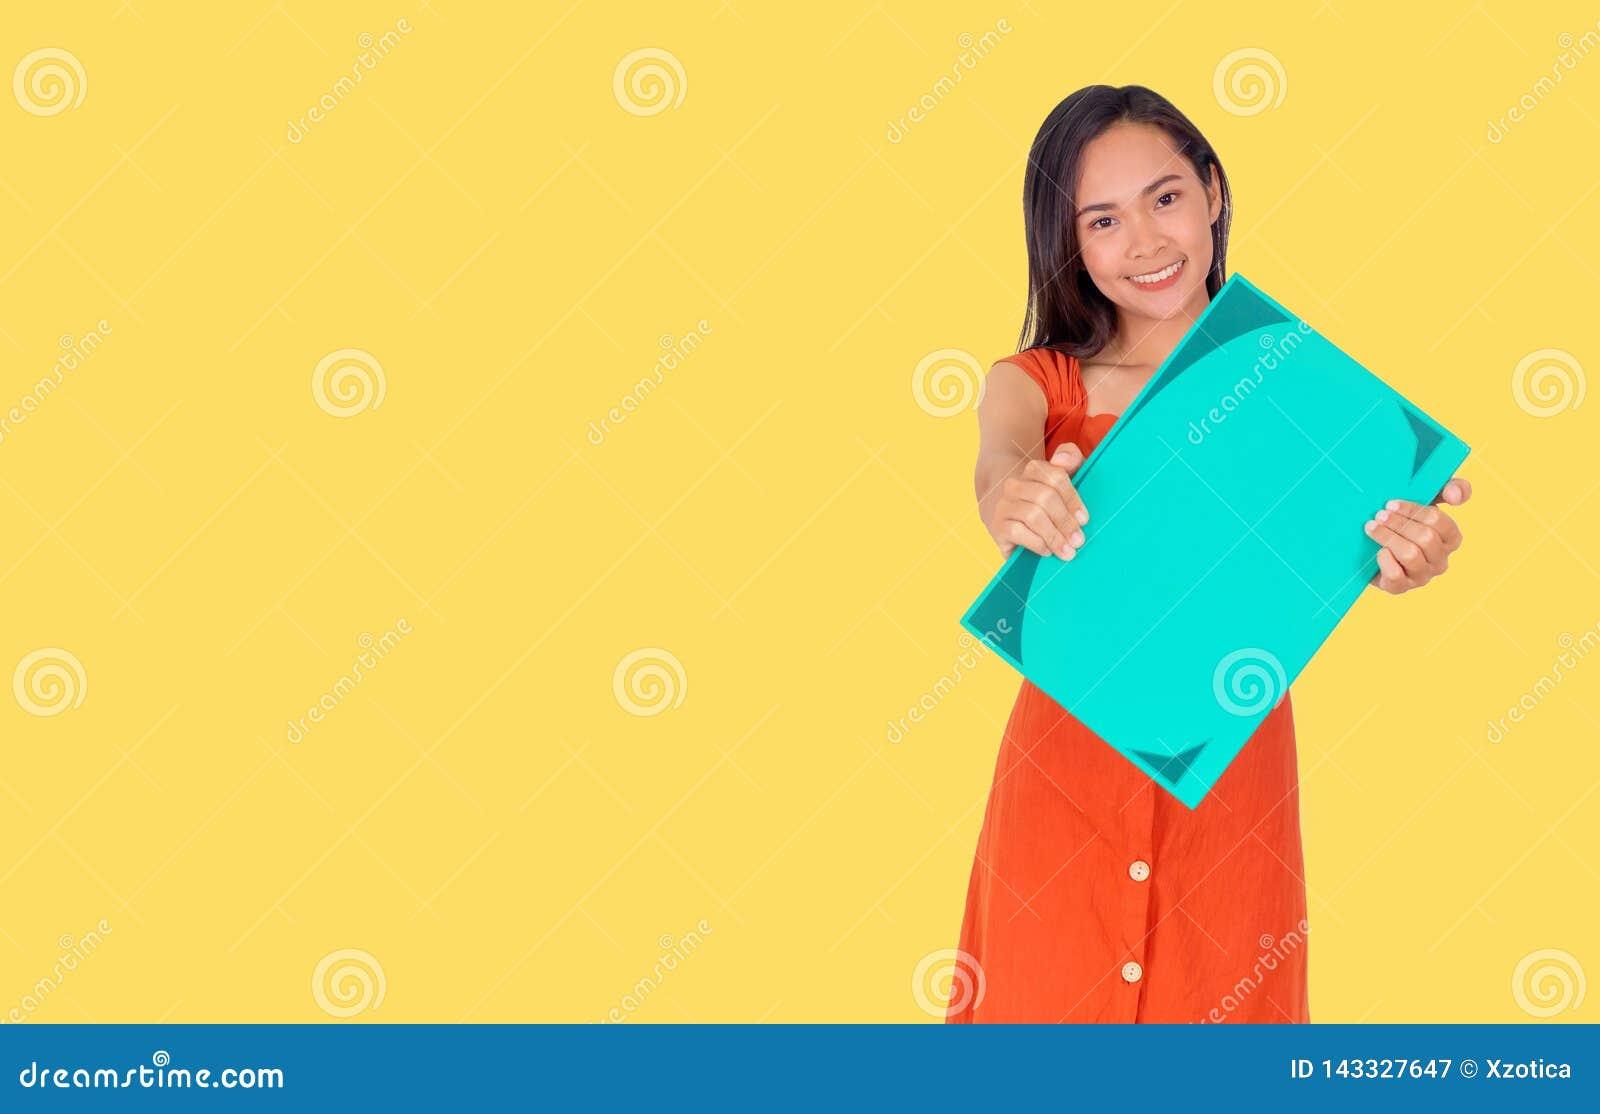 La muchacha asiática joven en vestido anaranjado muestra un Libro verde grande al fondo amarillo de la cámara